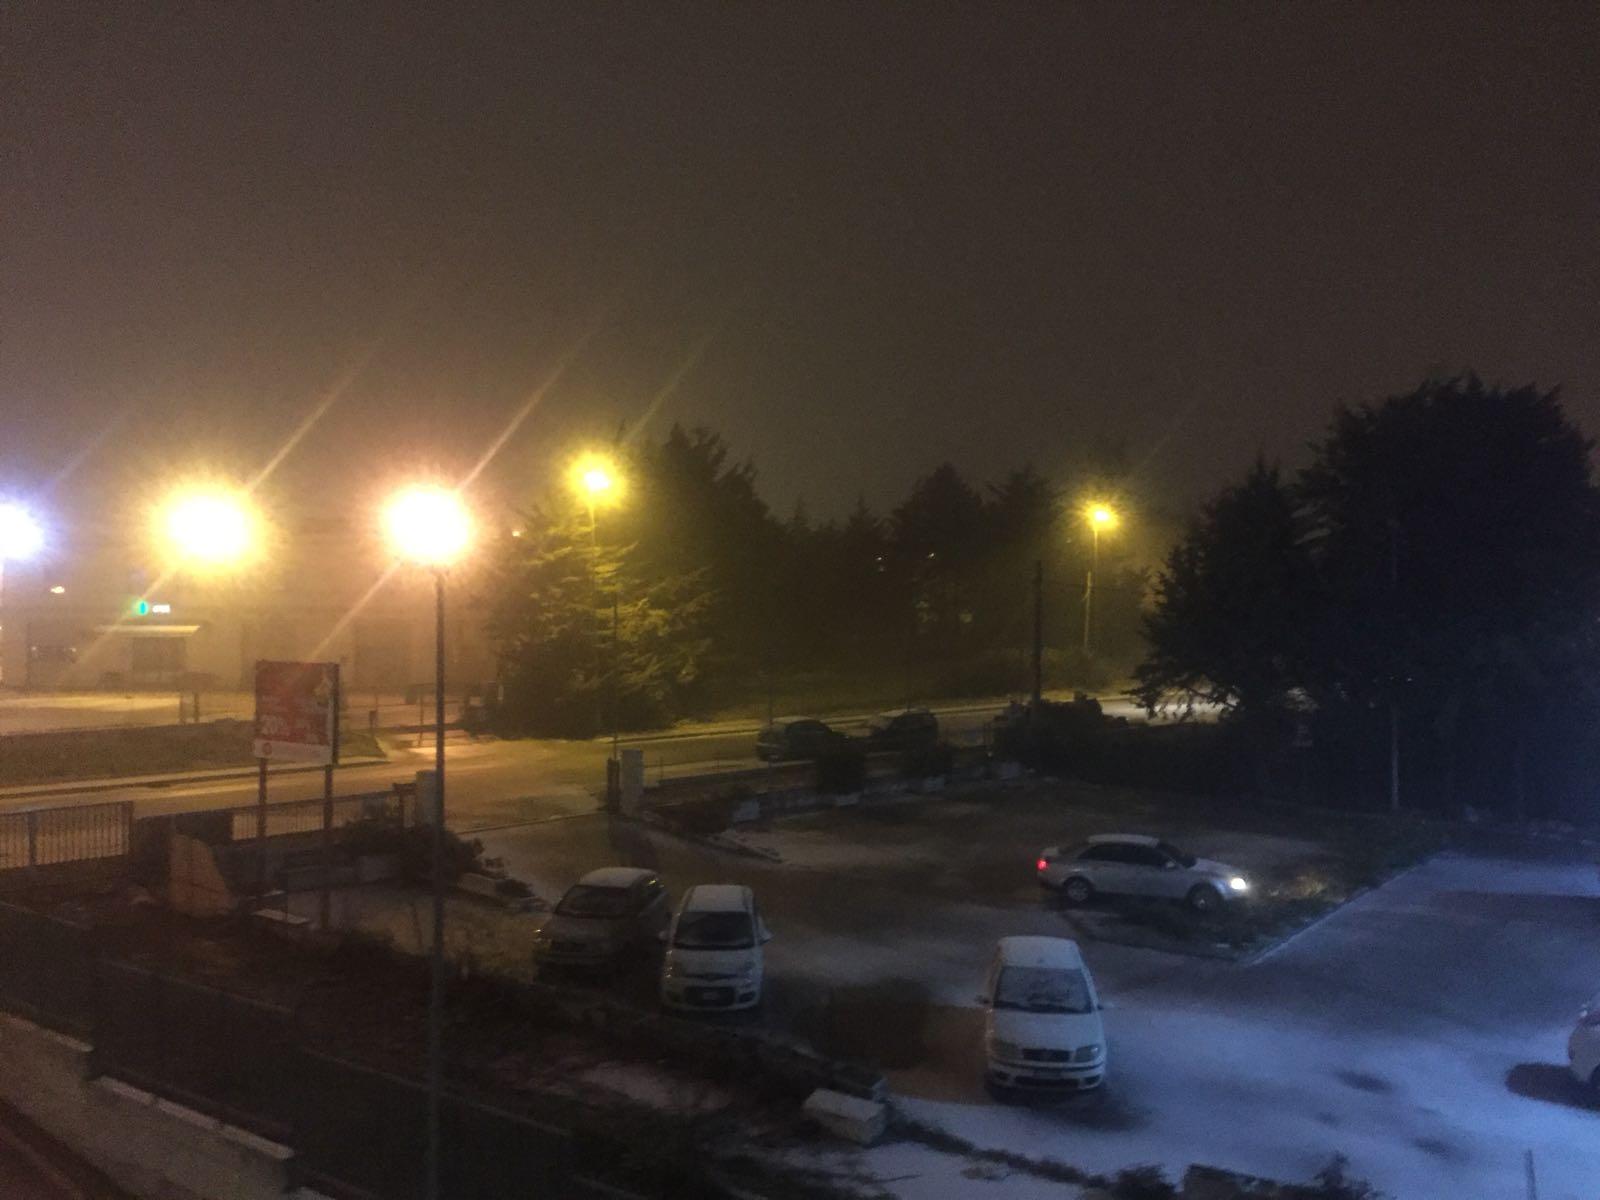 Prima neve in Molise, colpiti diversi centri: spolverata sul capoluogo di regione (VIDEO)